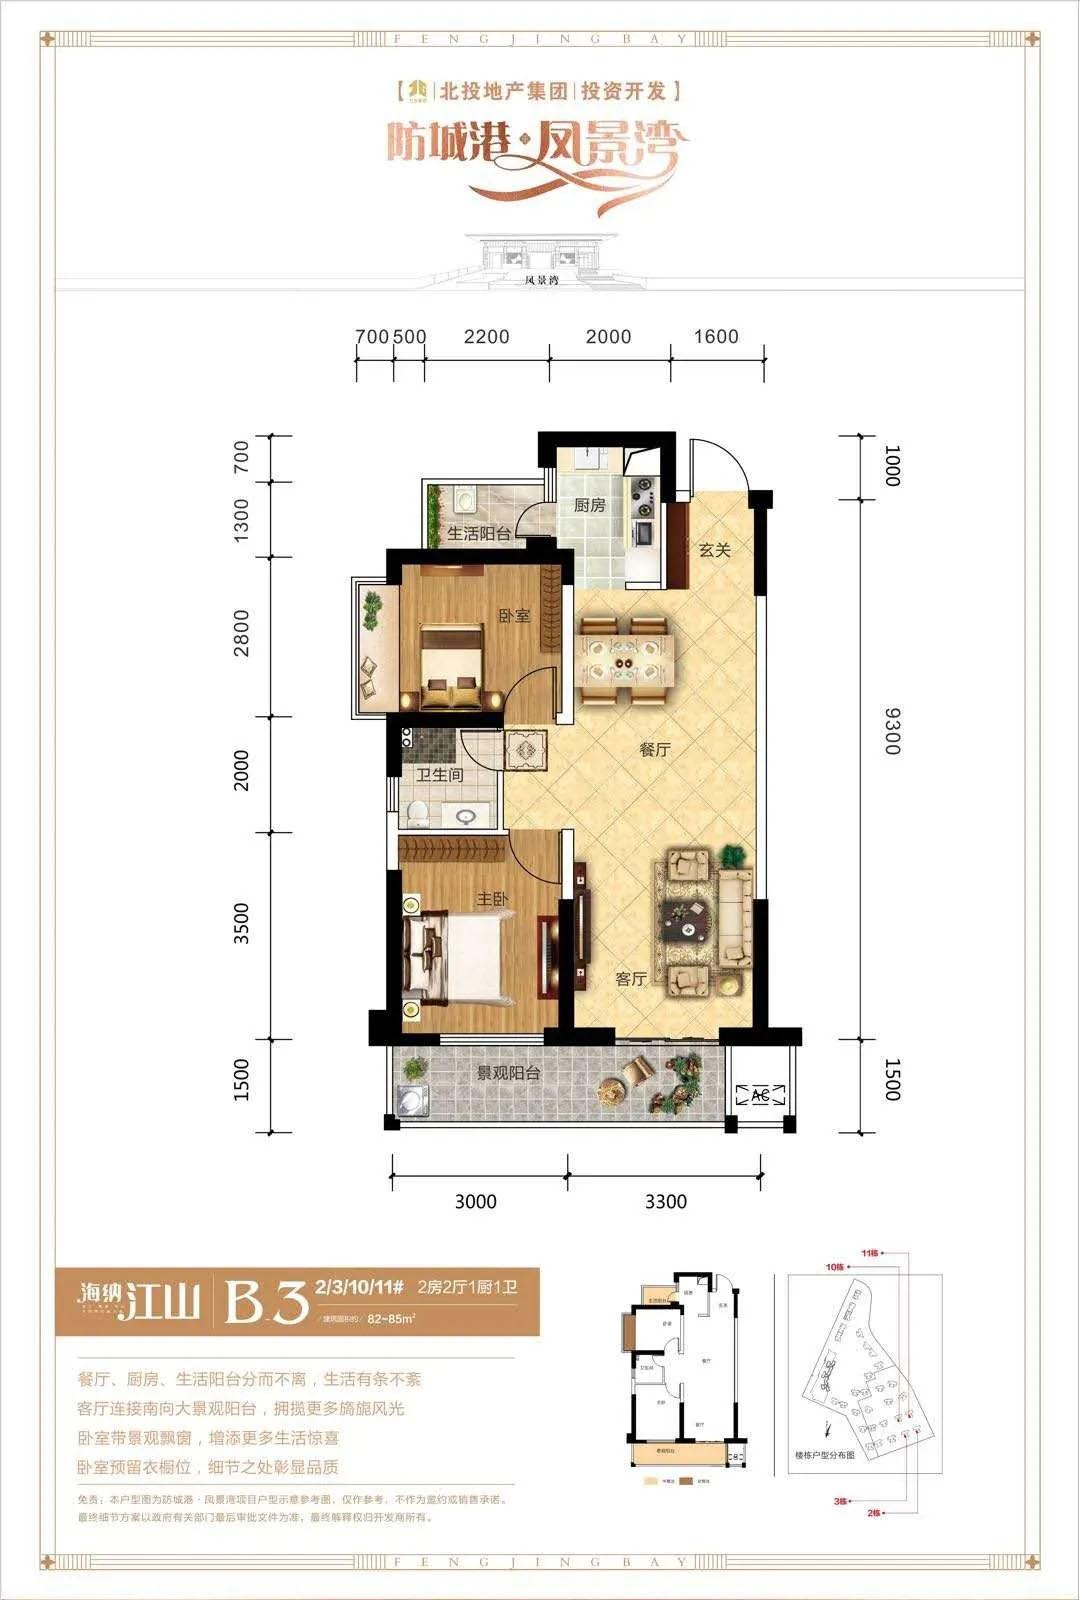 防城港凤景湾B.3户型图 建筑面积82-85㎡ 2房2厅1卫